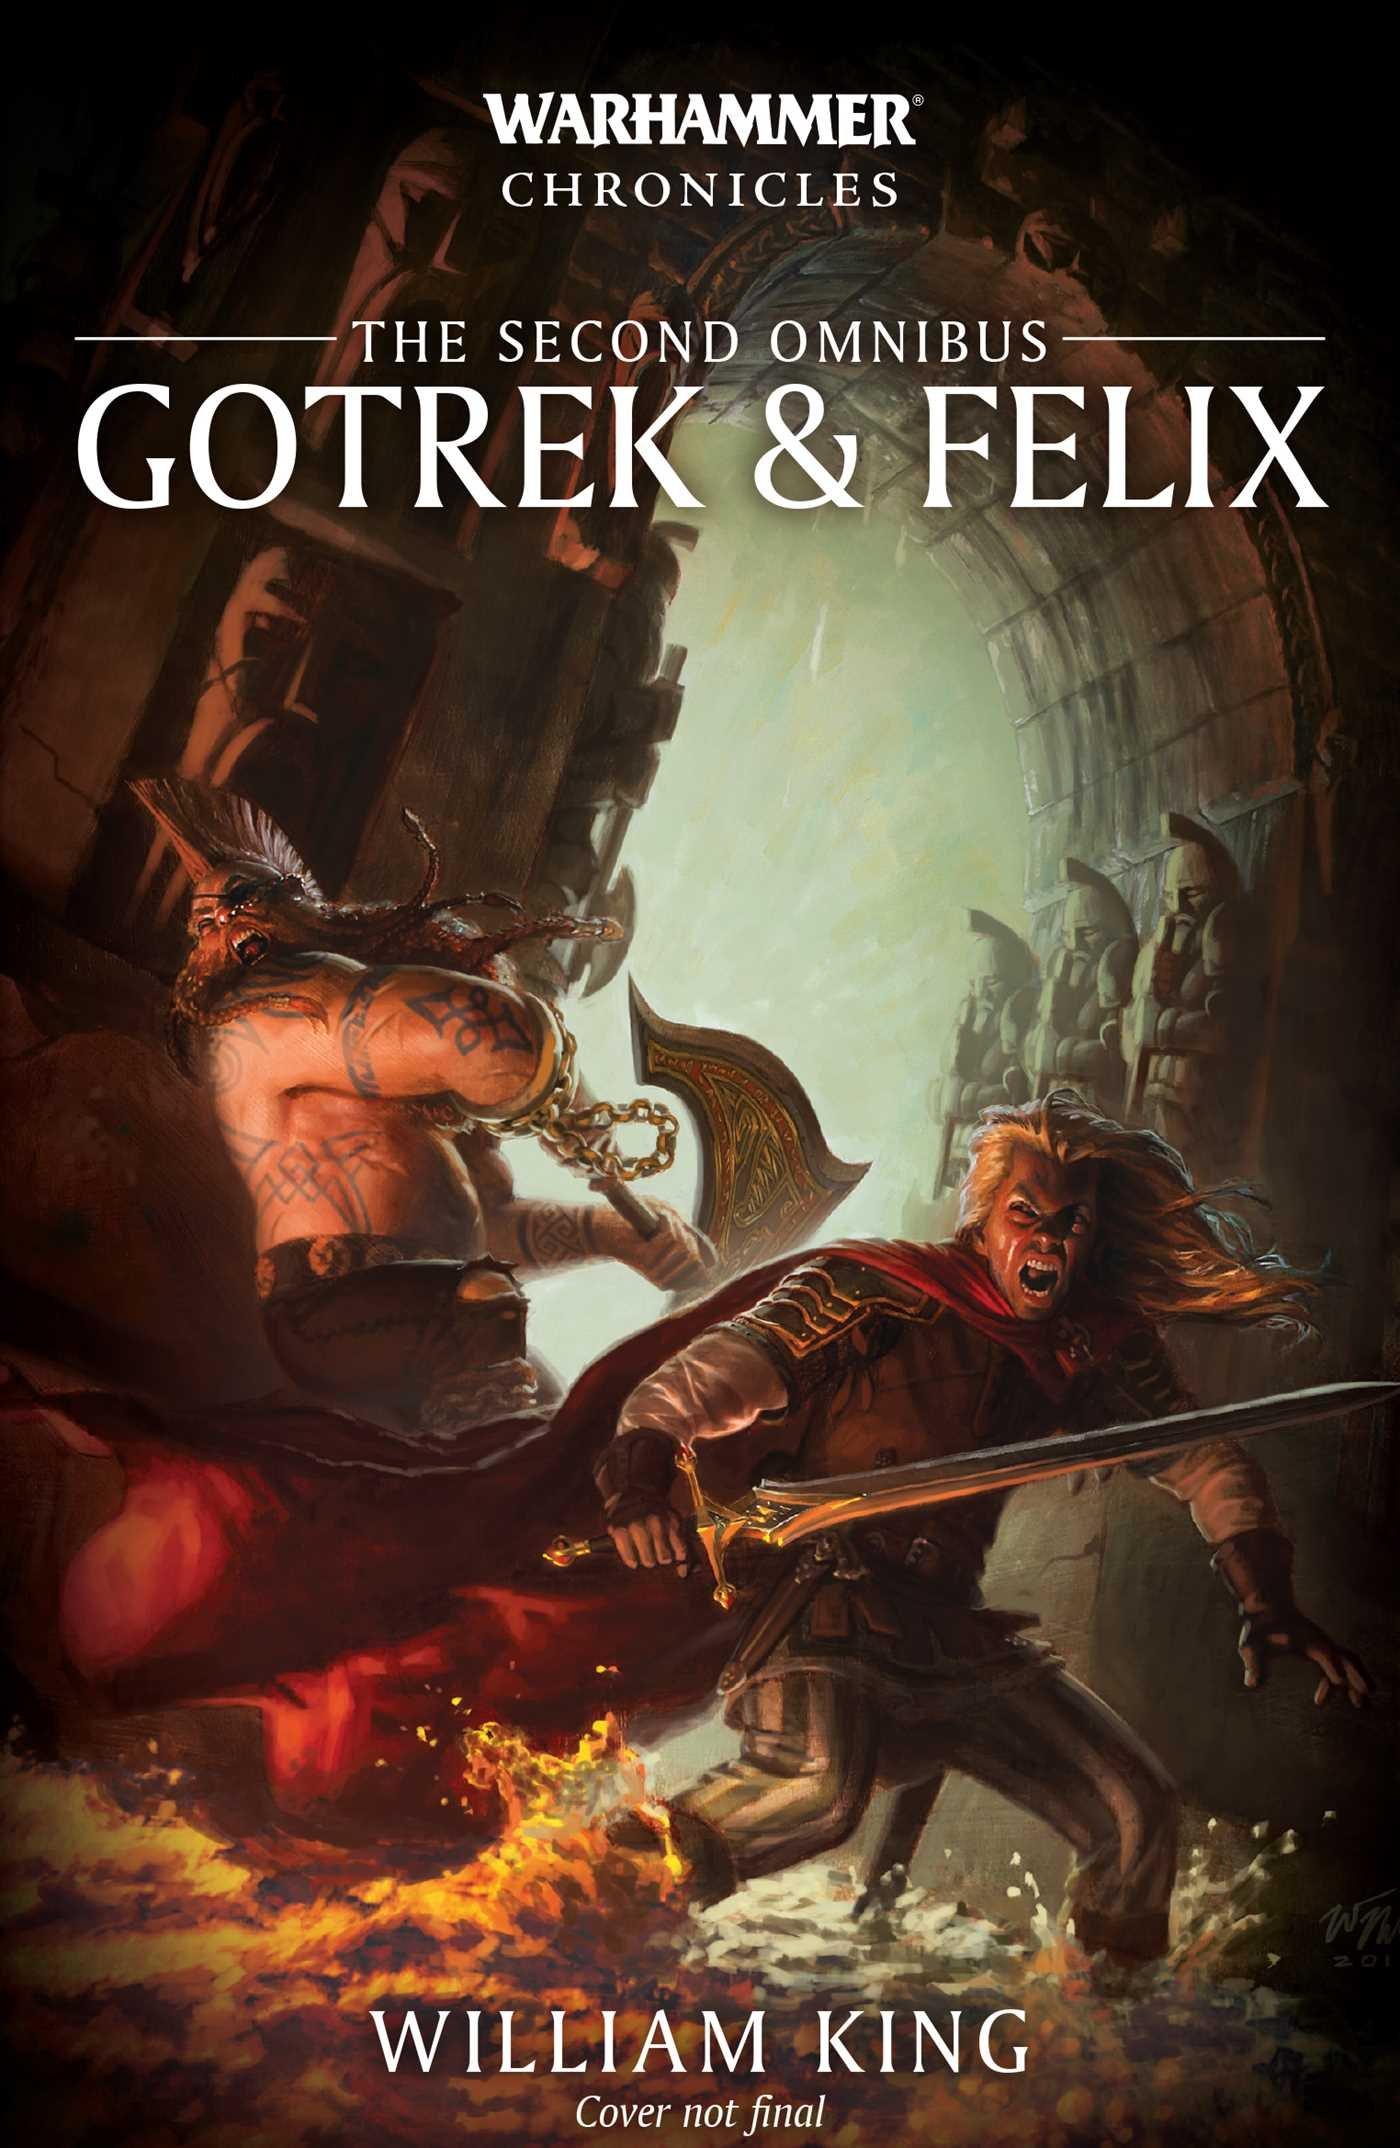 gotrek and felix second omnibus